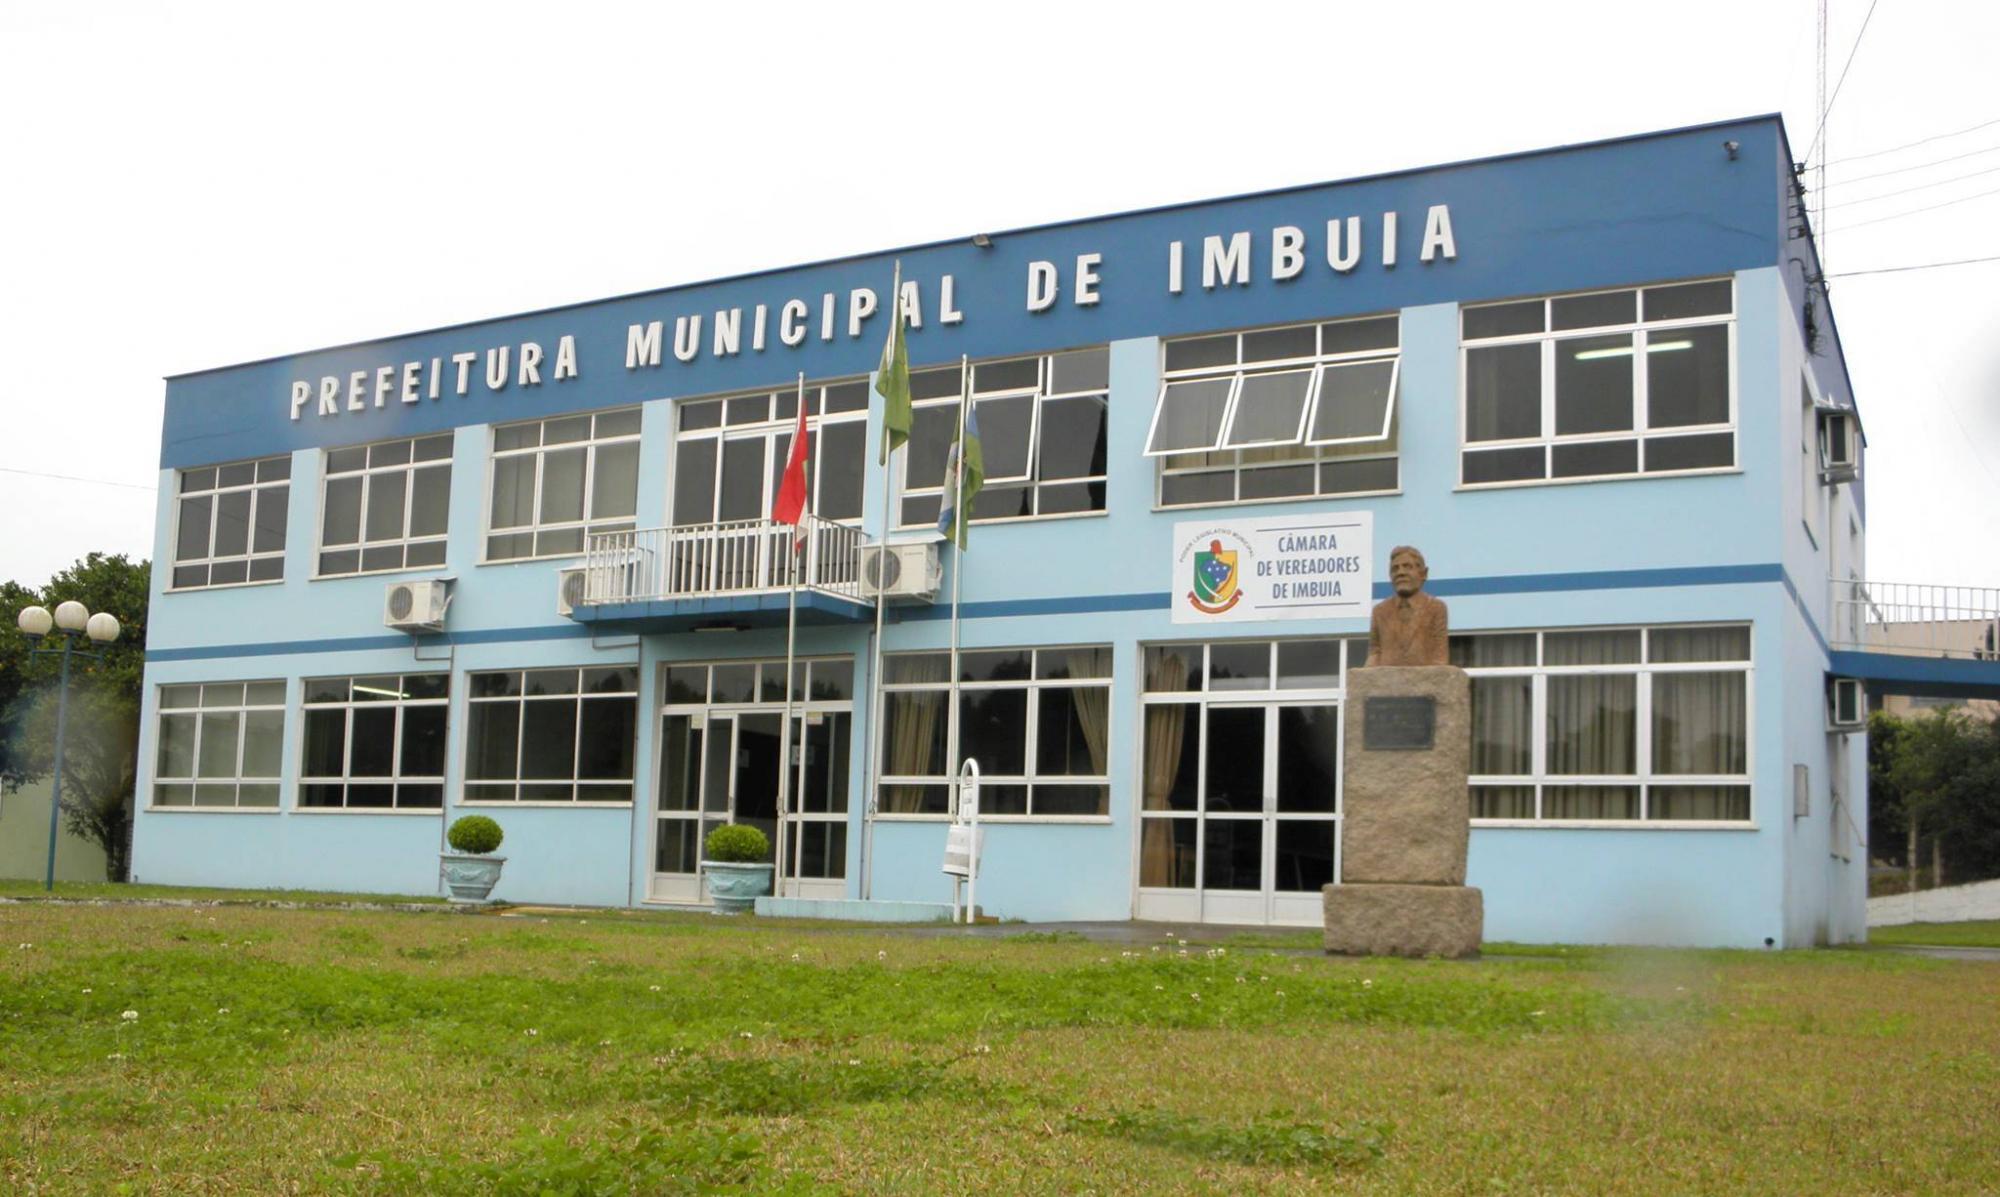 Imbuia prepara programação para festa de aniversário do município